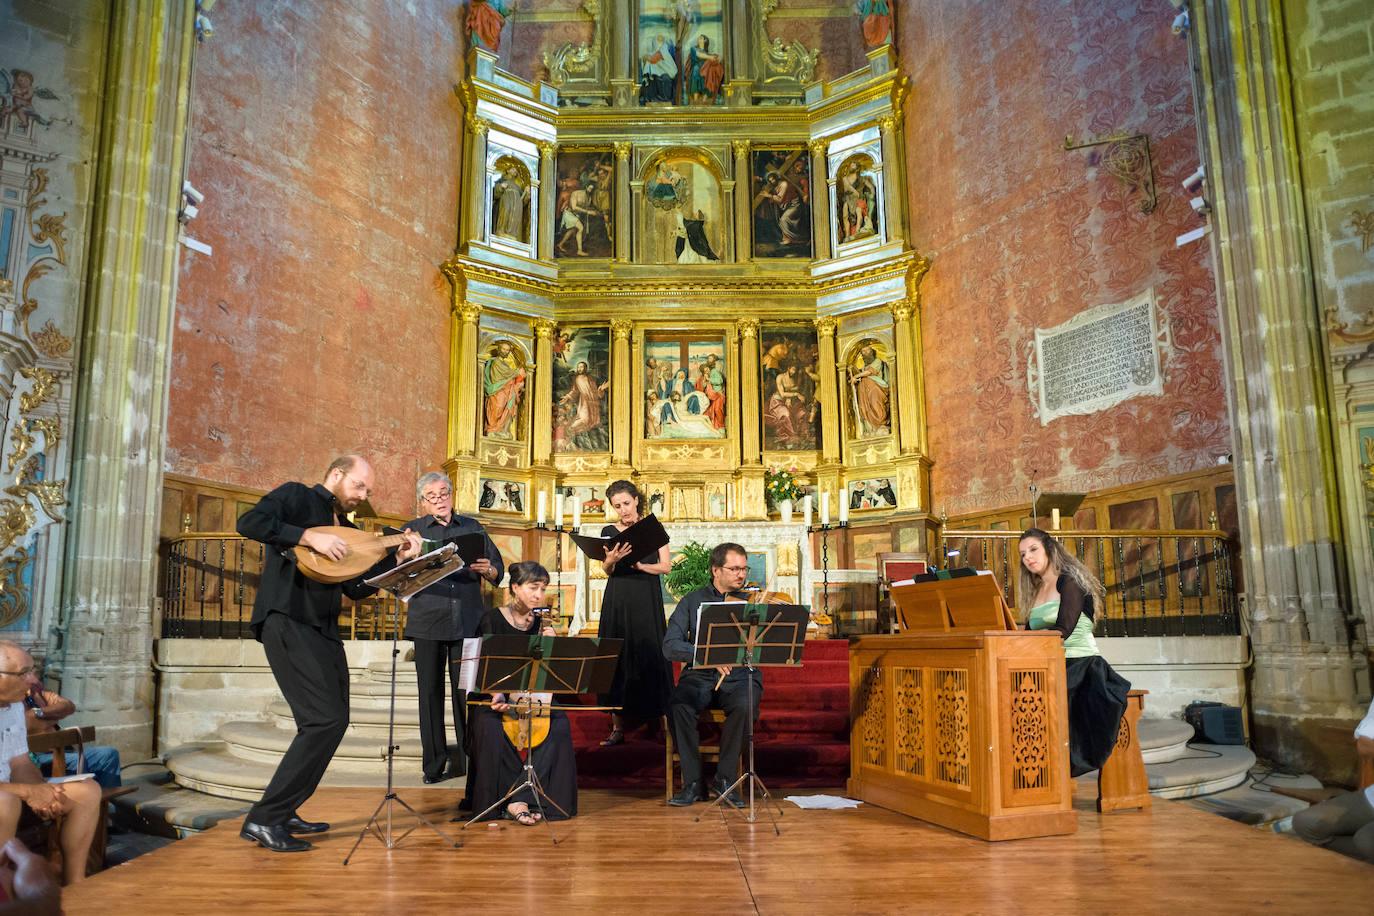 Clássica llena de música la Rioja Alta